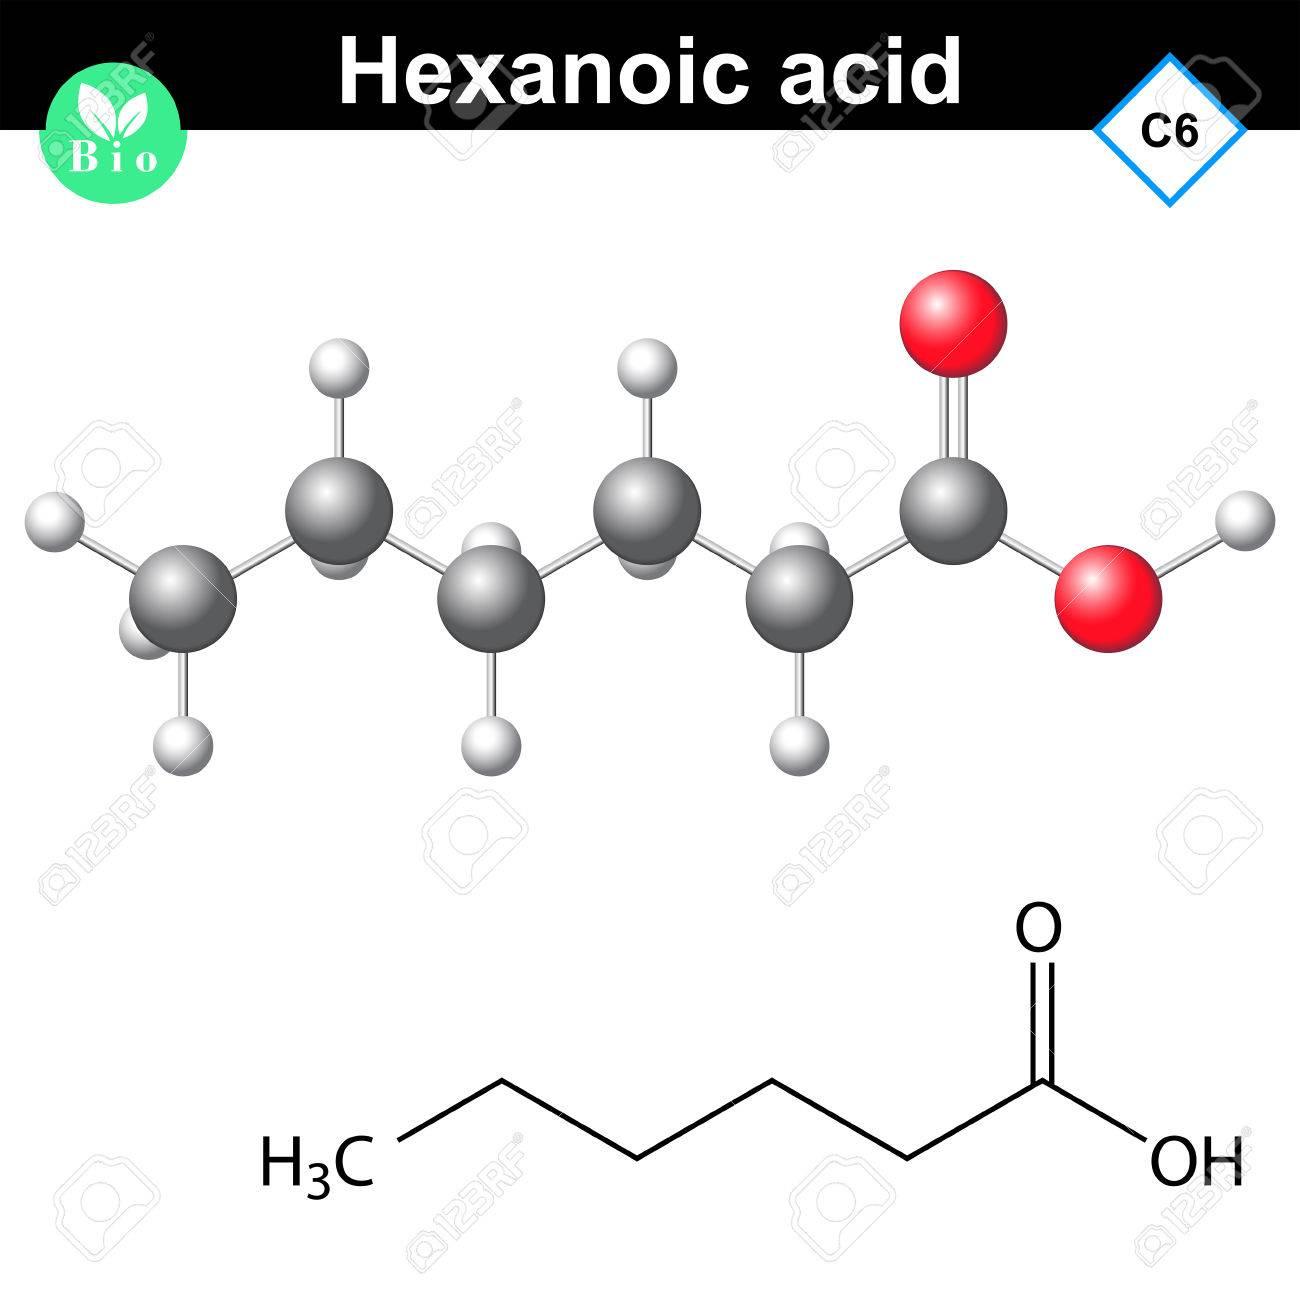 Molécula De ácido Hexanoico Fórmula Química Y La Estructura Molecular Ilustración 2d Y 3d Aislado En Fondo Blanco